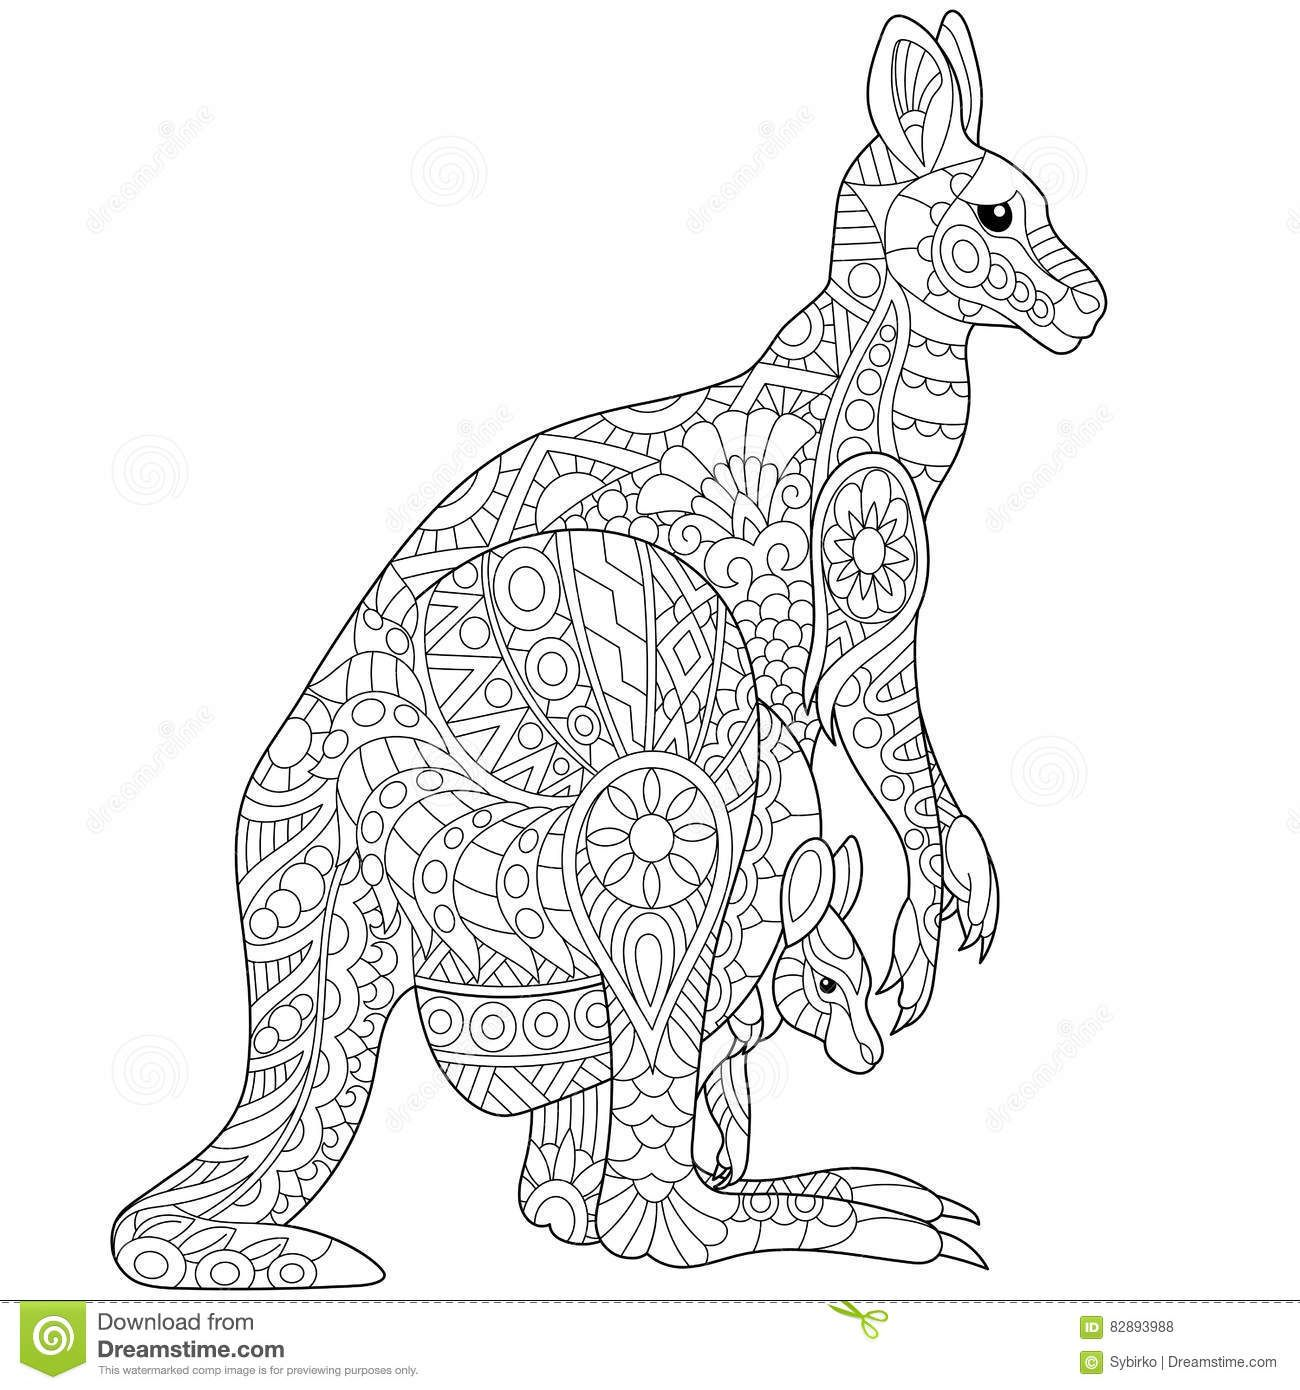 Coloriage Mandala Kangourou.Epingle Par Emilie Sur Mandalas Animal Coloring Pages Adult